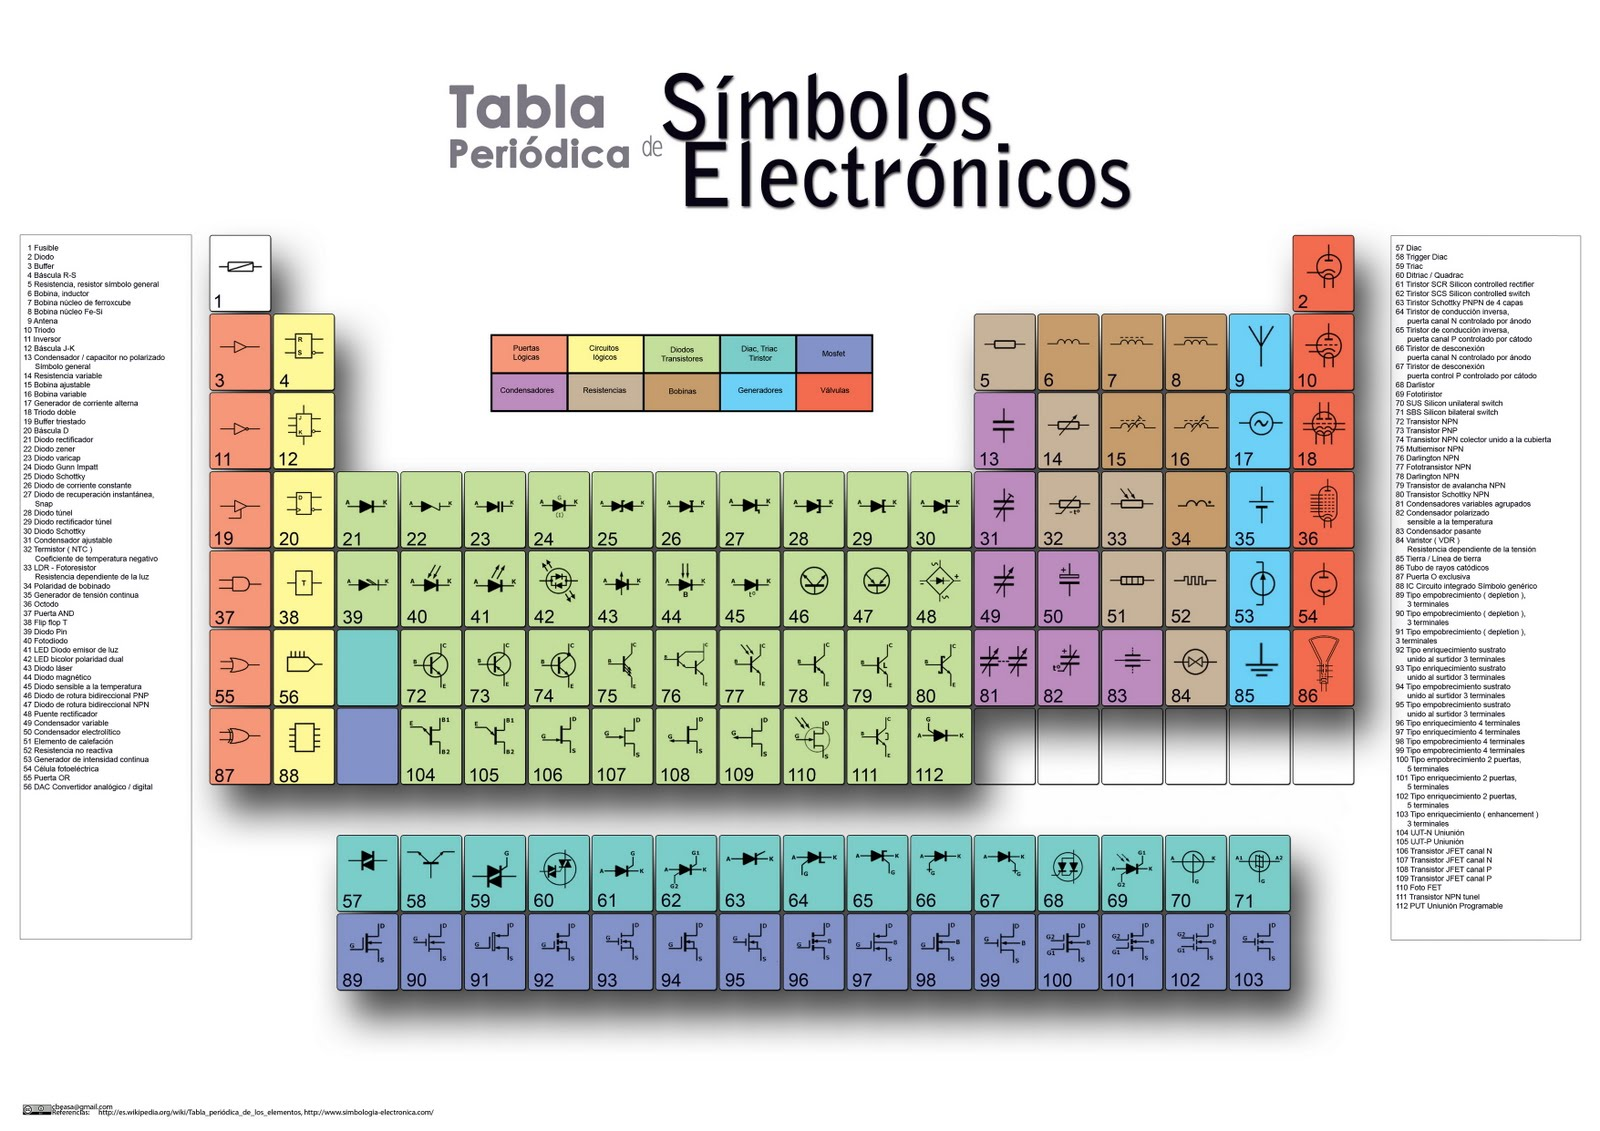 MAPA MURAL DE 3X3 TABLA PERIÓDICA DE LOS SIMBOLOS ELECTRÓNICOS ...